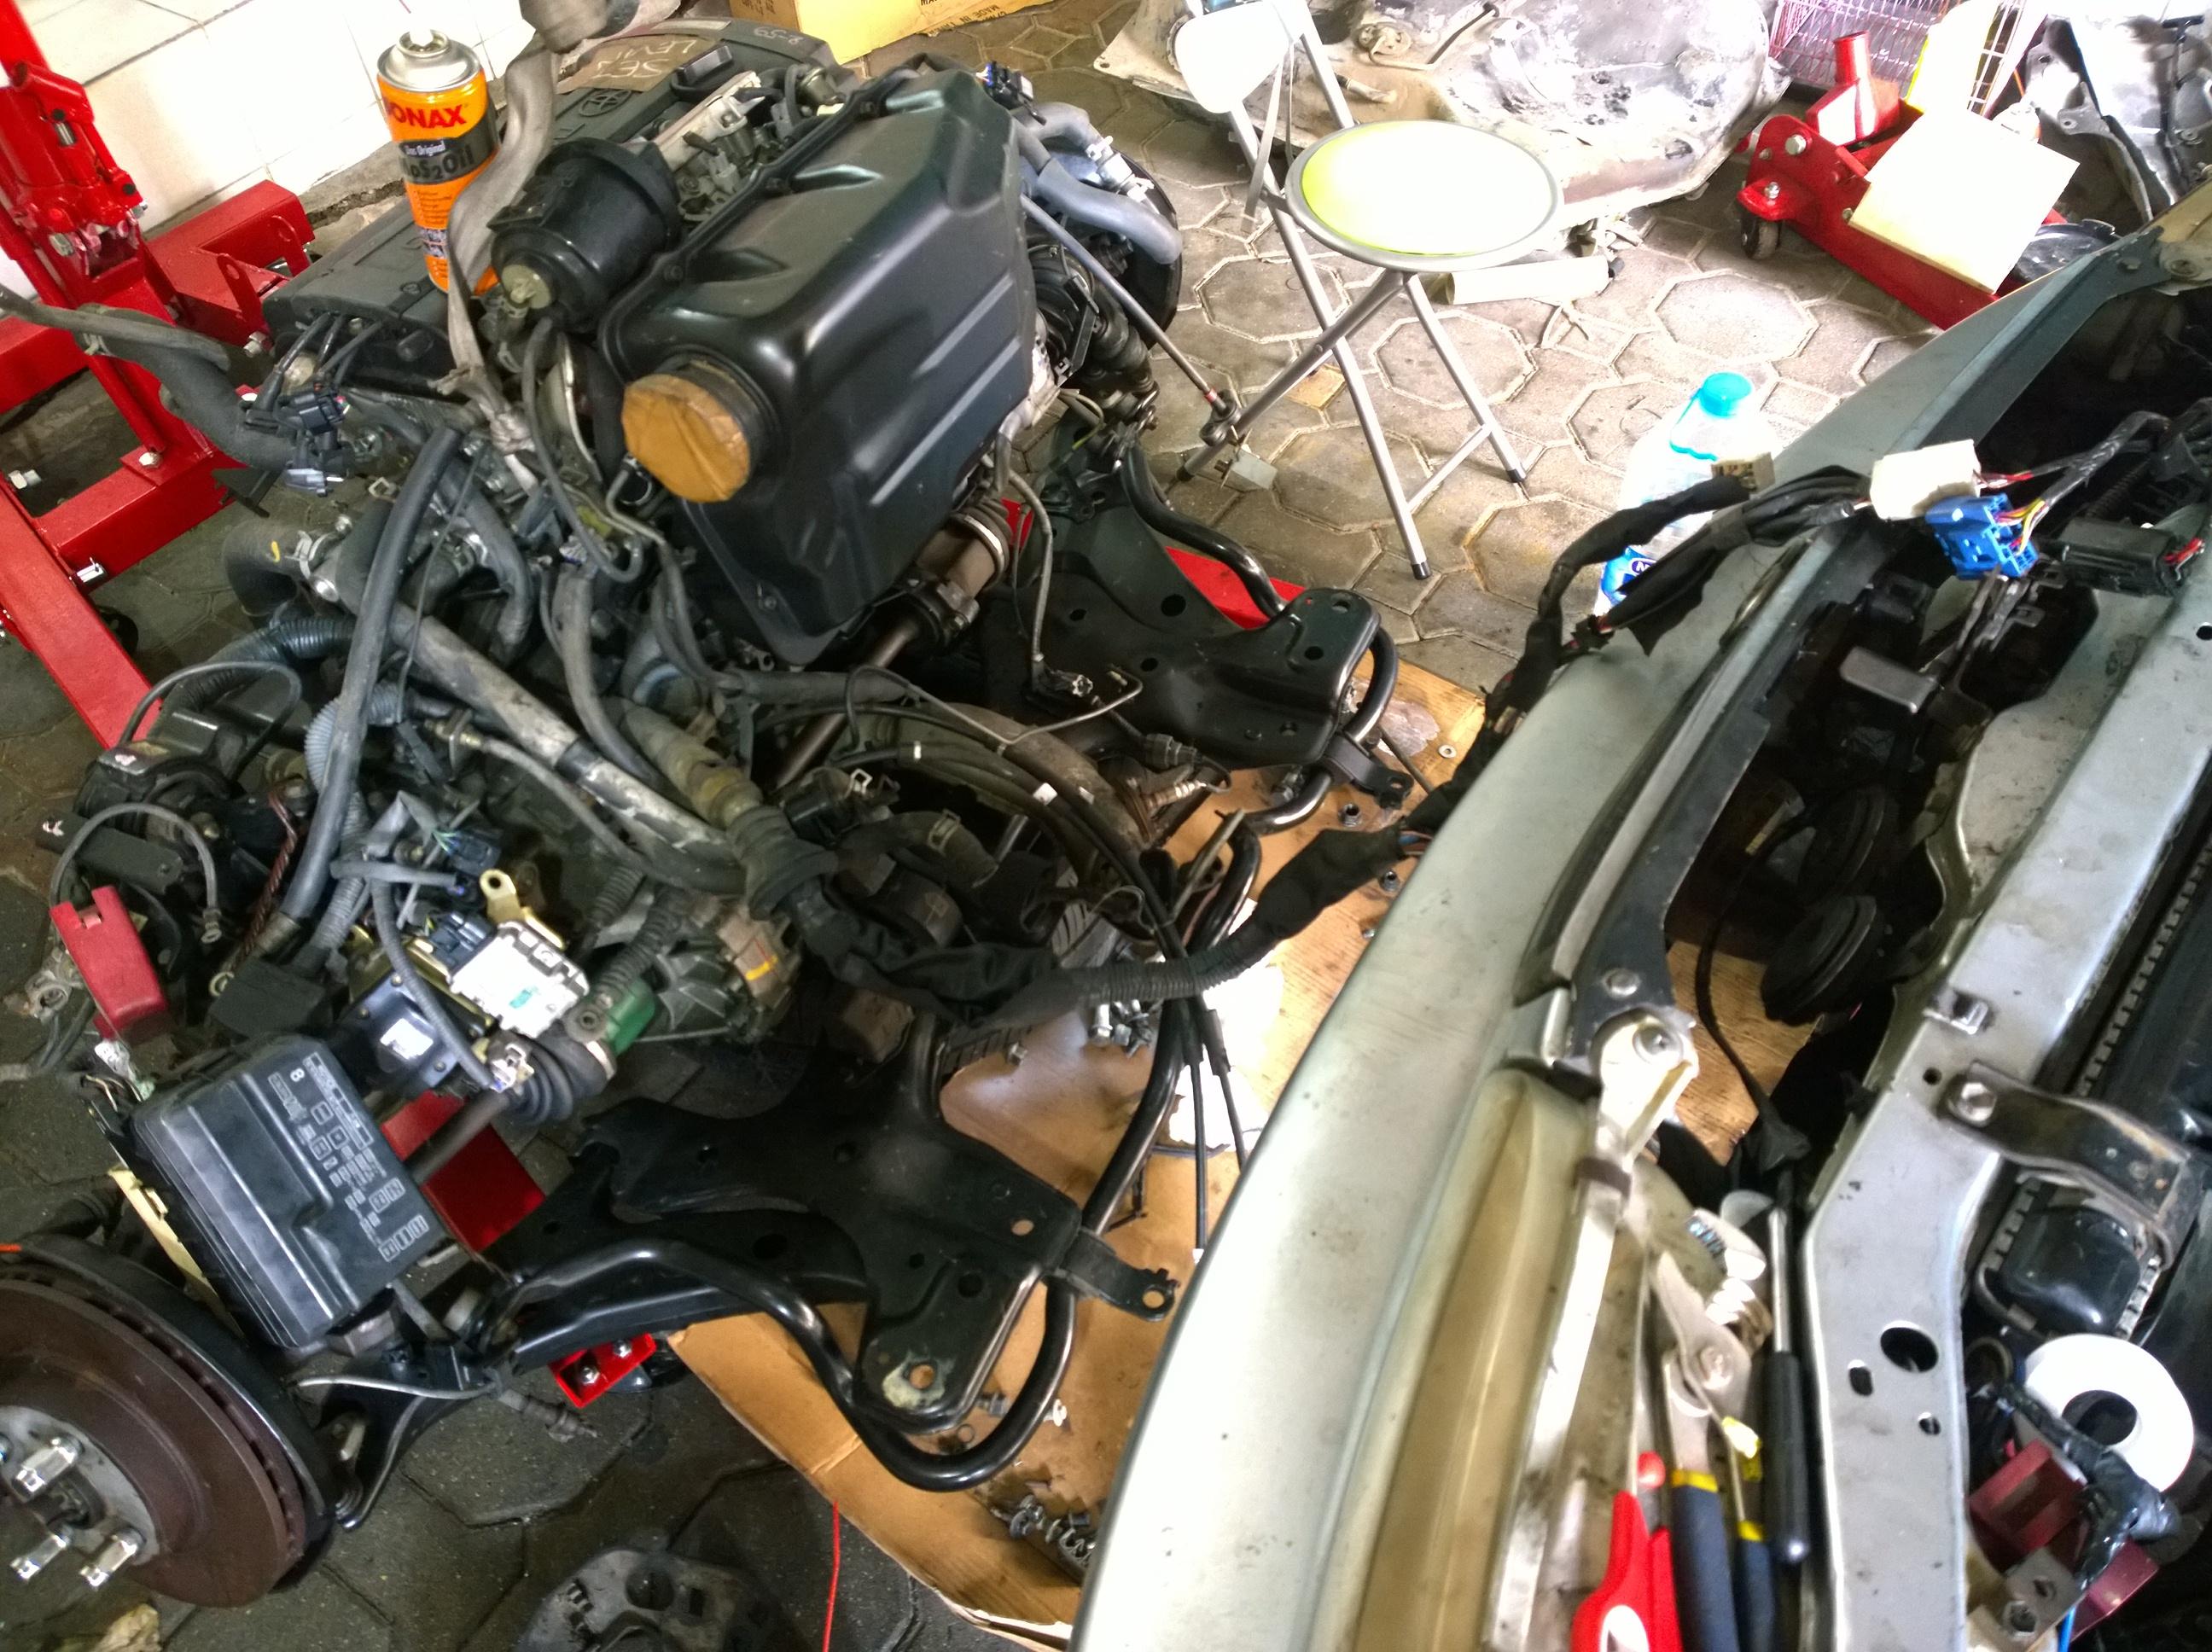 Corolla Wiring 20v Bt Swap Anyone Had Experience Thx Toyota Levin Diagram Wp 20170427 16 06 58 Prothumba08feb3aa2f079bc23cc28fae6e68145